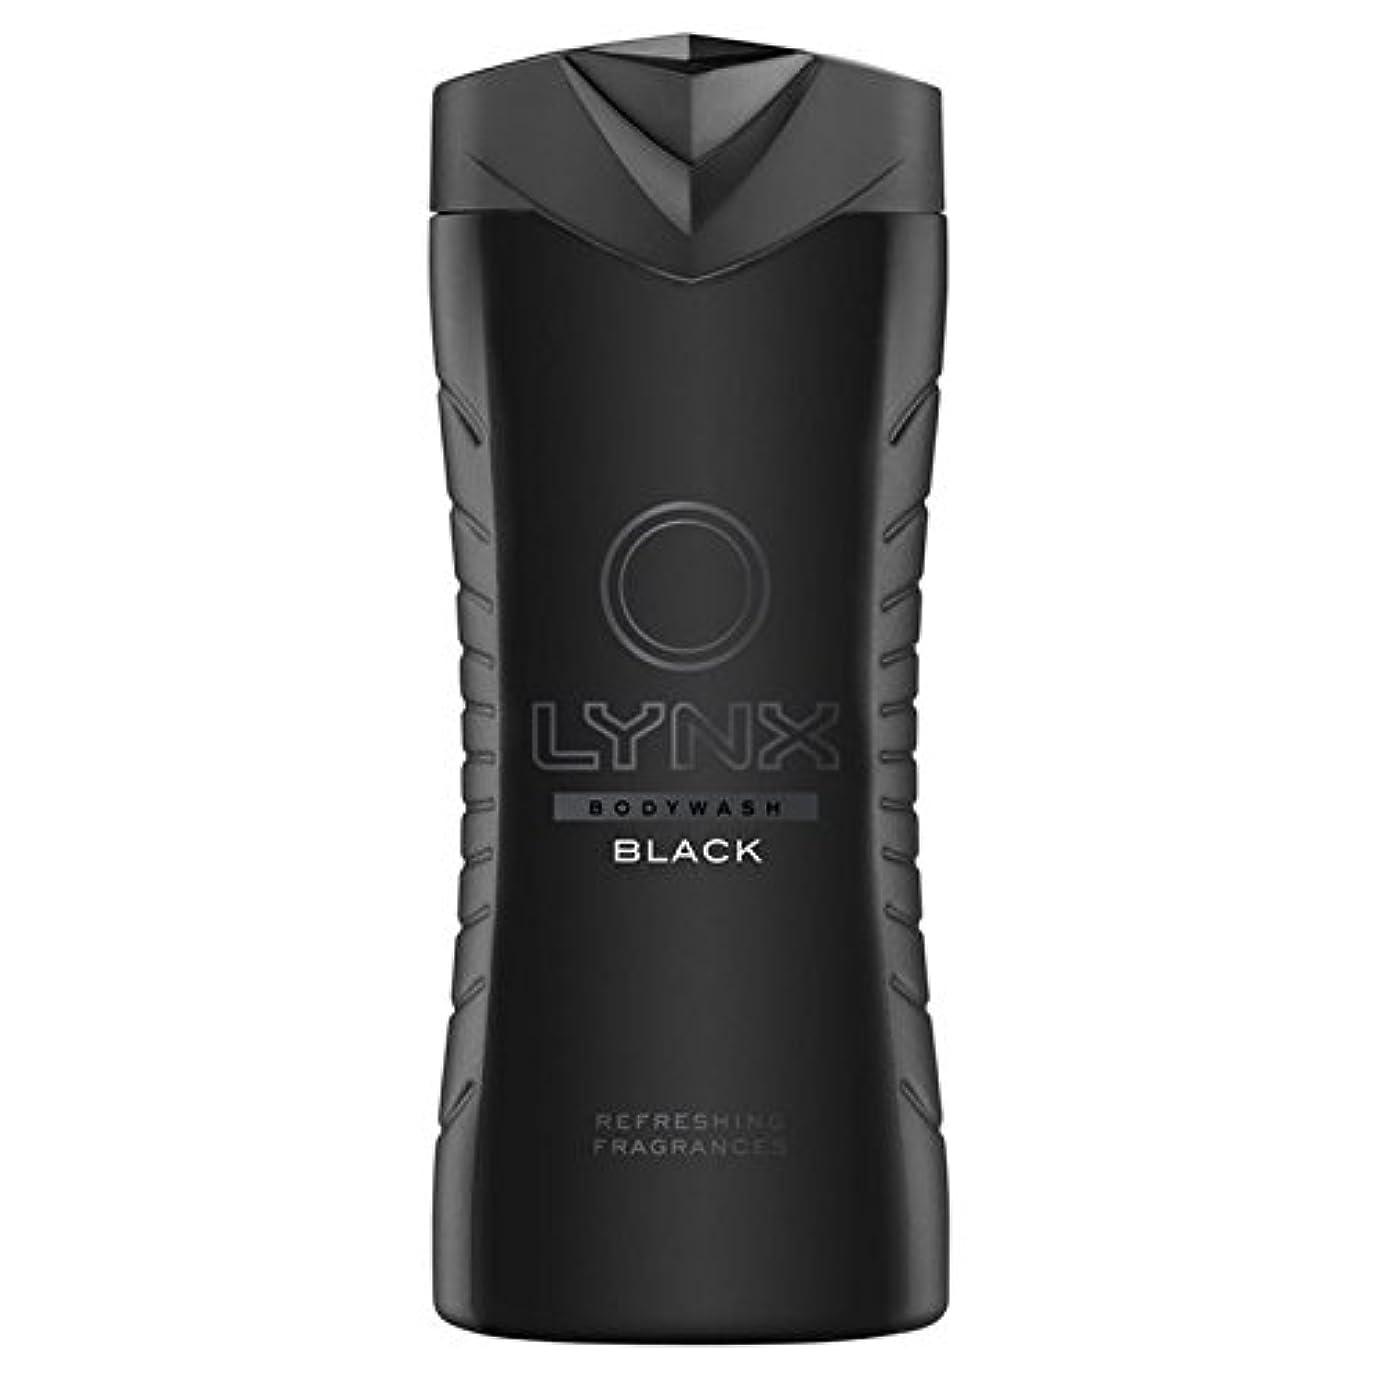 転用錆び謝罪するLynx Black Shower Gel 400ml (Pack of 6) - オオヤマネコブラックシャワージェル400ミリリットル x6 [並行輸入品]